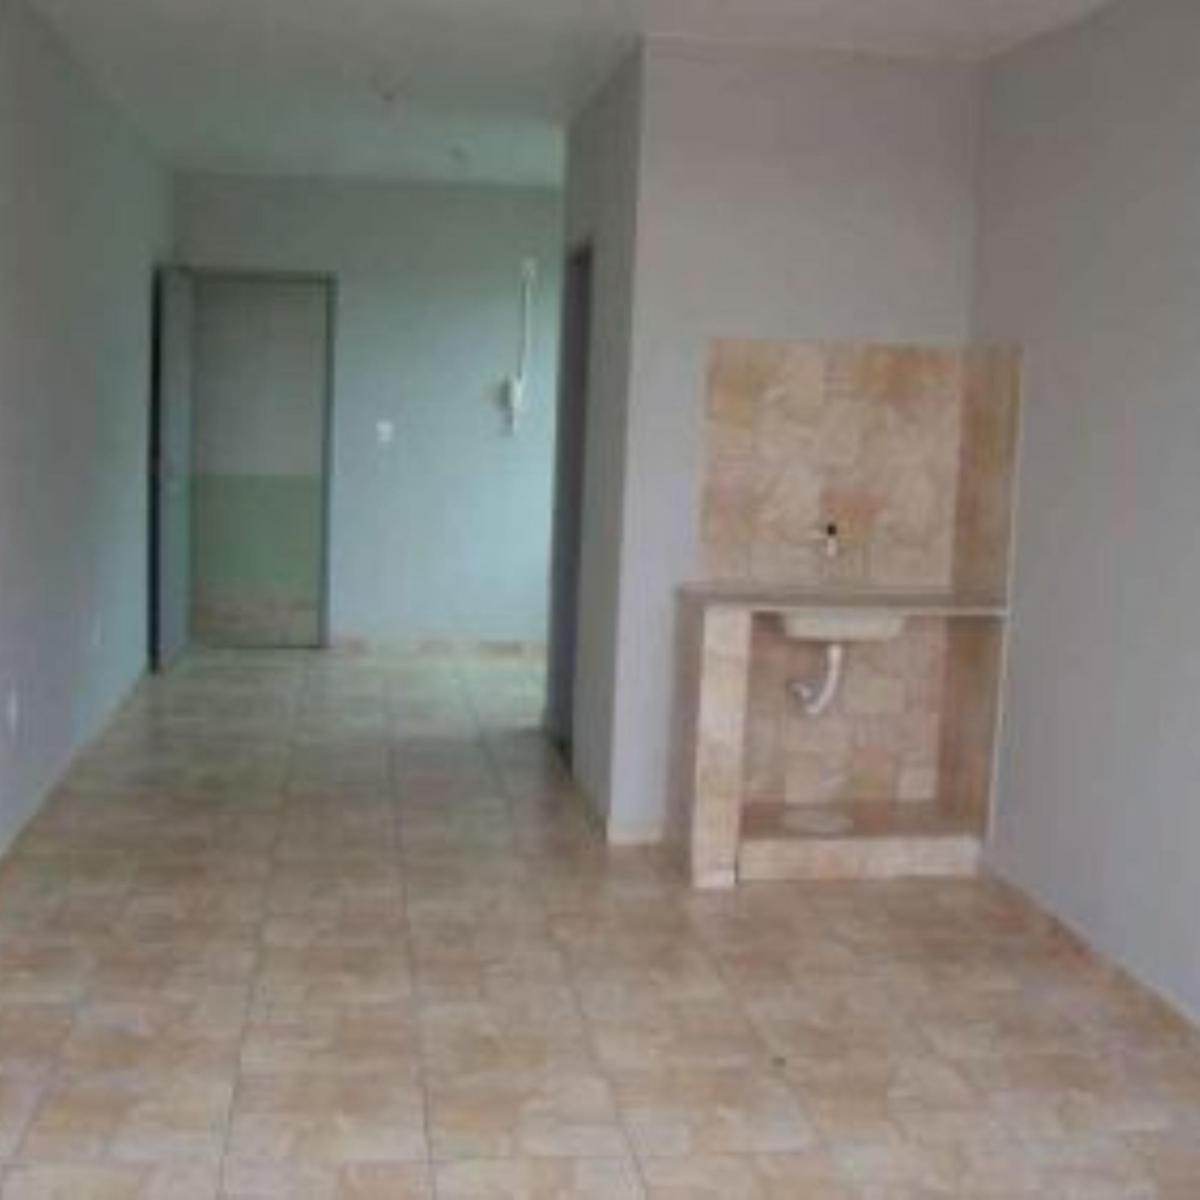 Imagens de #537378 Apartamento para aluguel com 0 Sobradinho Sobradinho R$ 550 40  1200x1200 px 3552 Blindex Banheiro Df